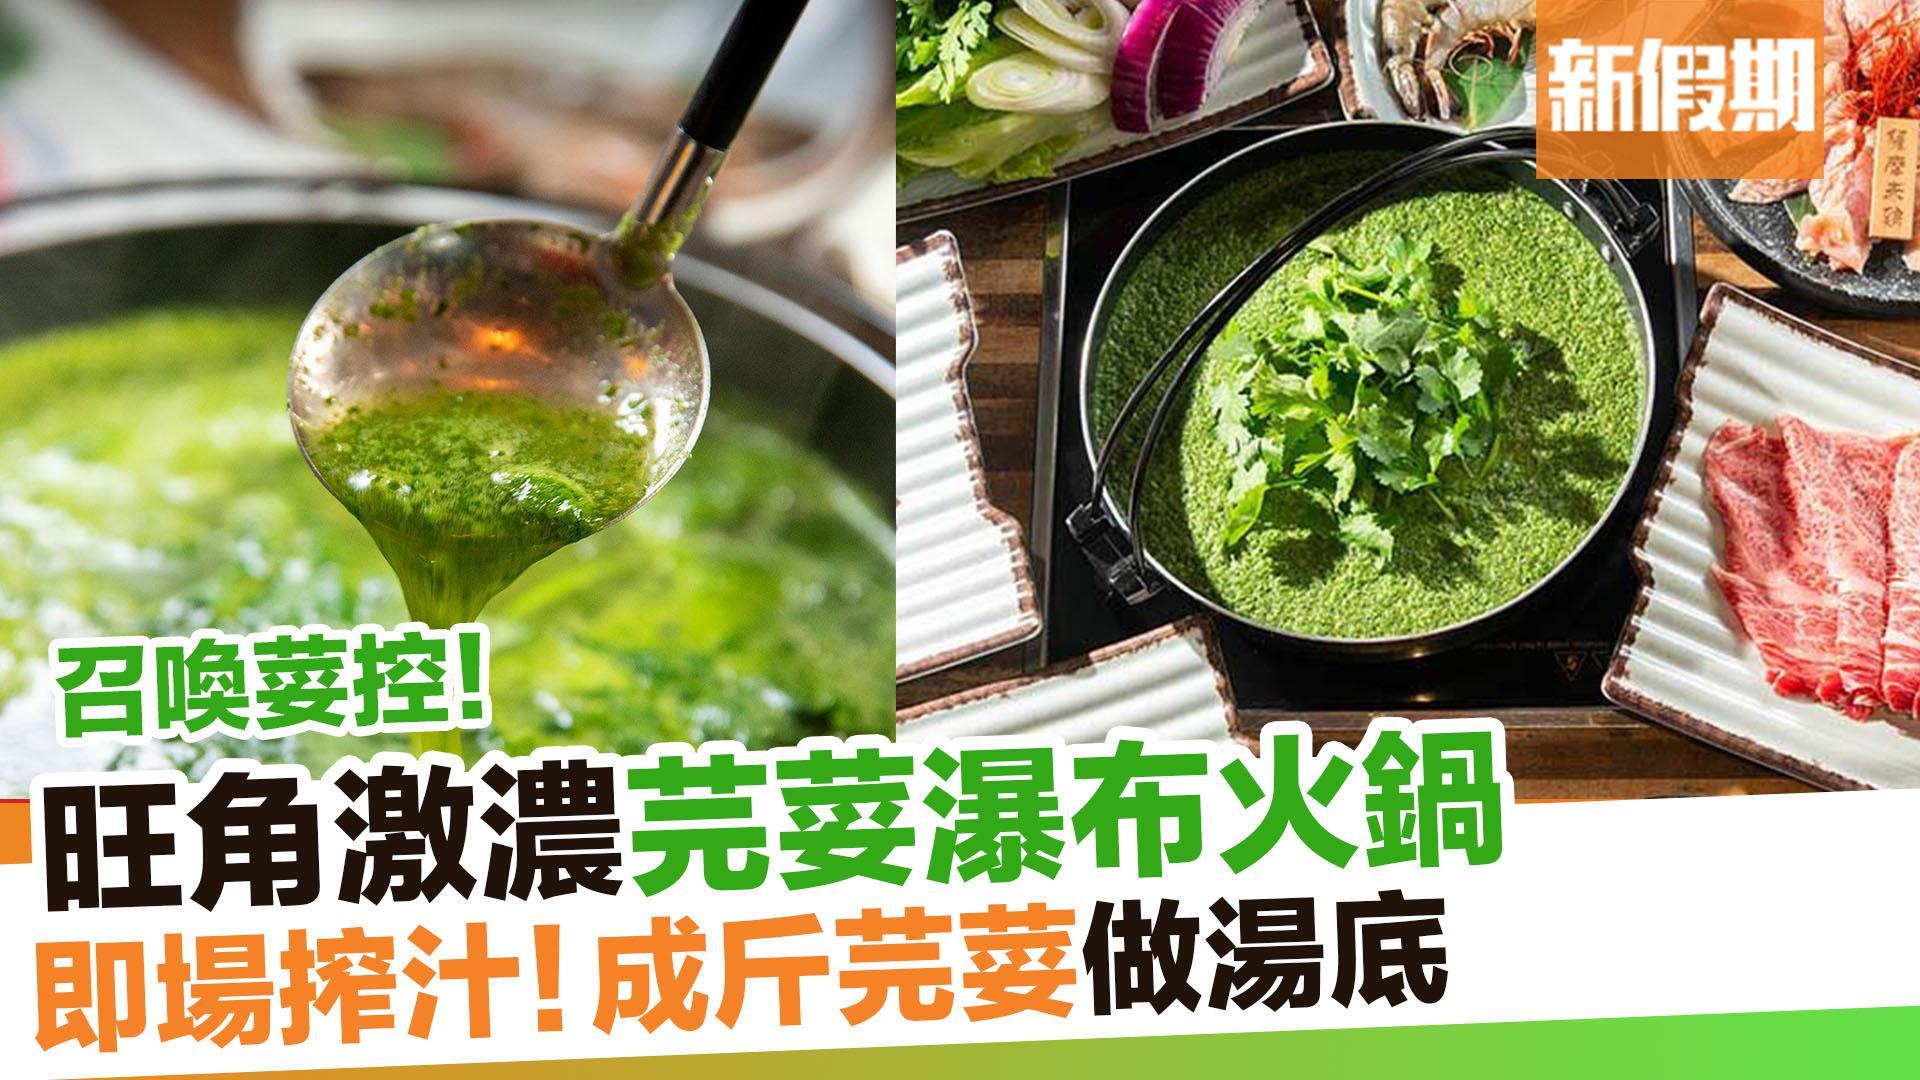 【區區搵食】芫荽火鍋 旺角令和鍋物酒場首推! 新假期